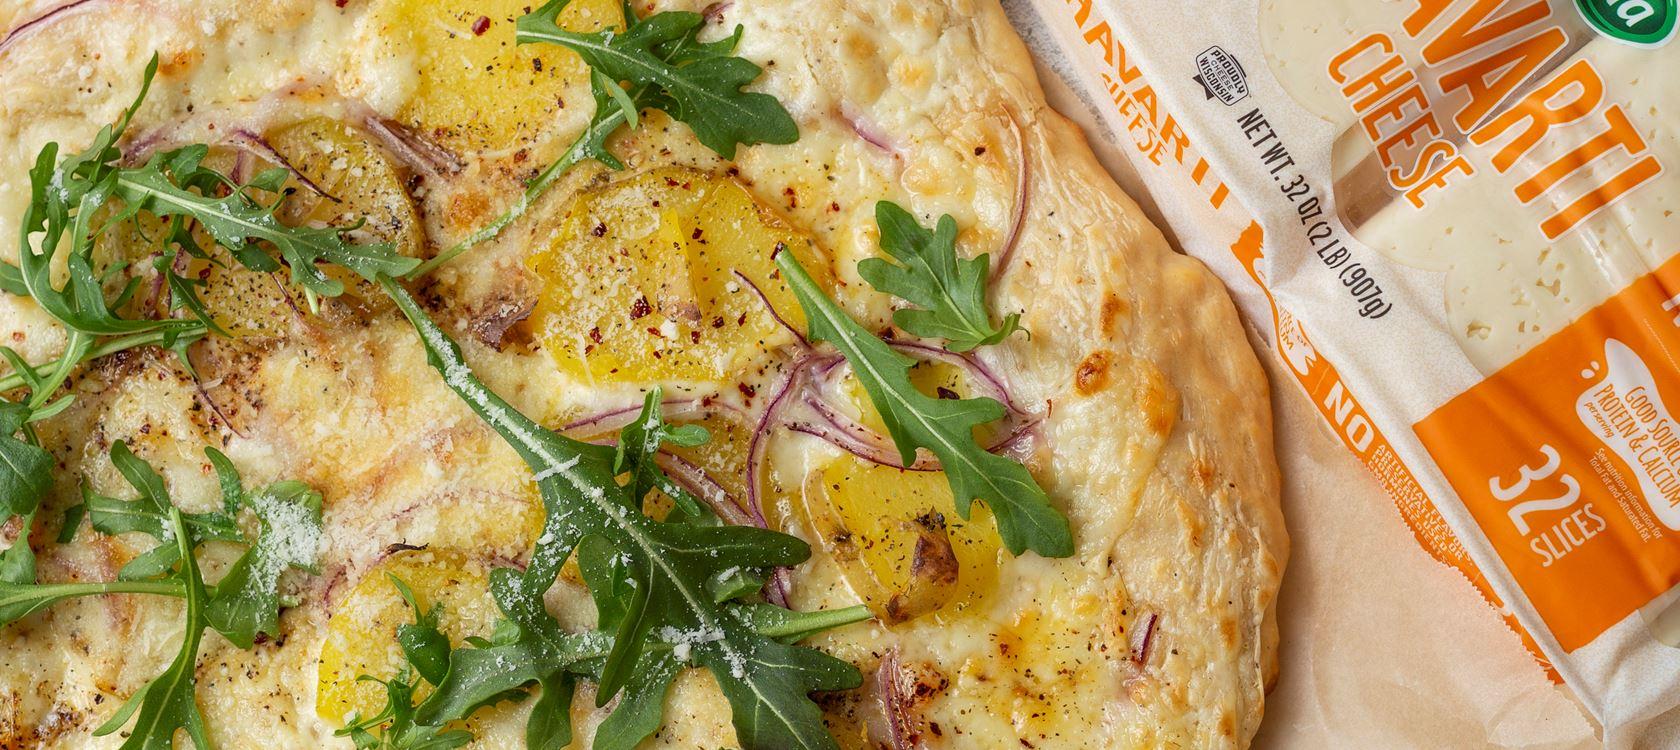 Havarti Cheese Potato Pizza With Alfredo Sauce